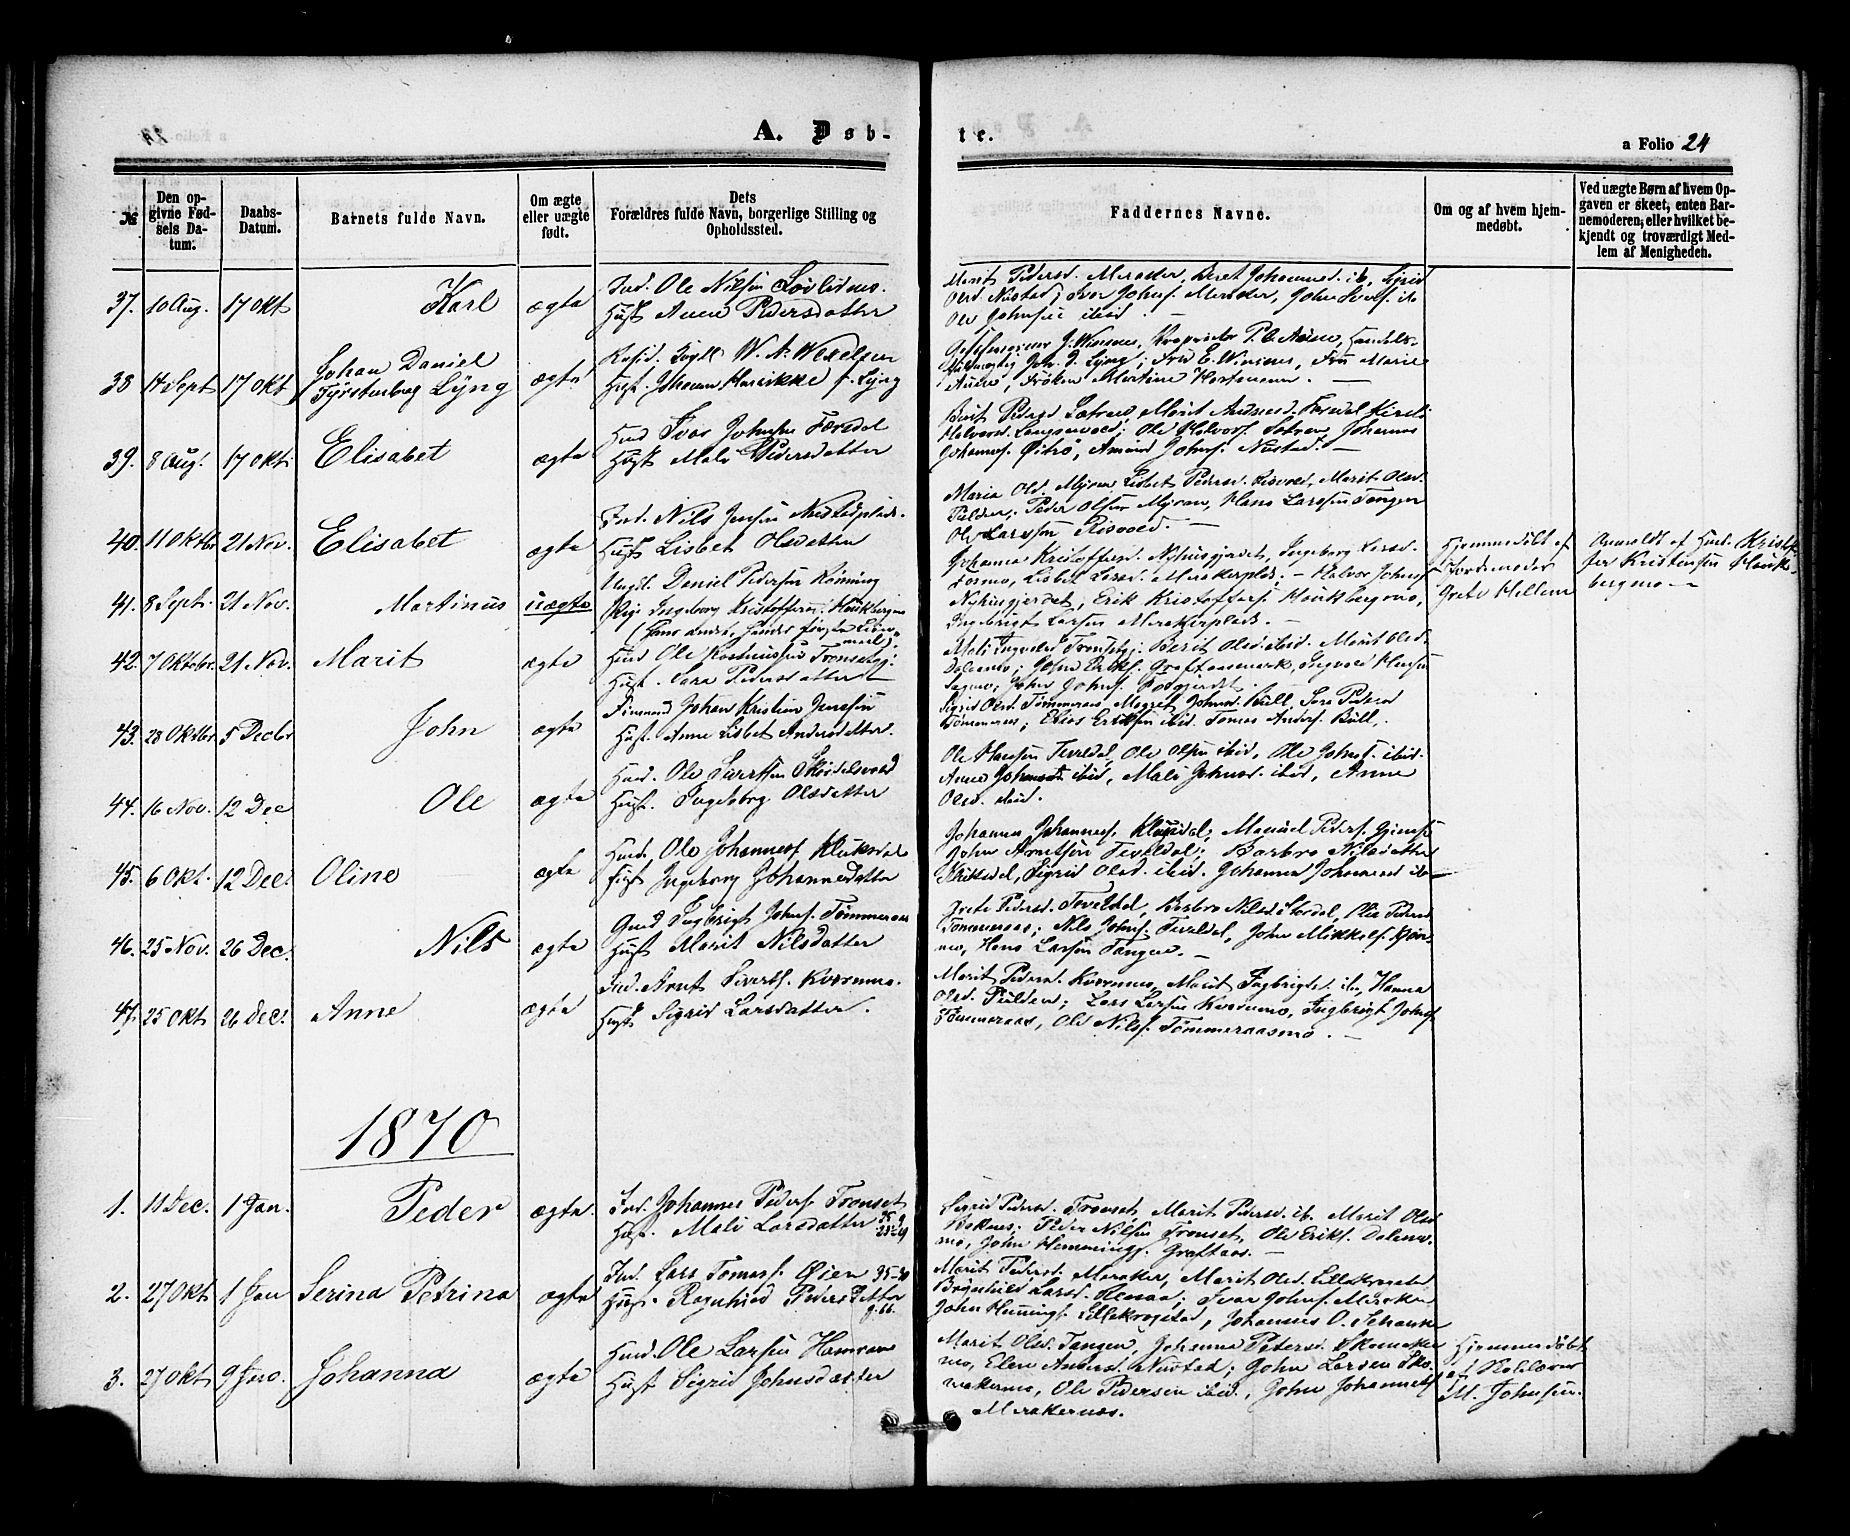 SAT, Ministerialprotokoller, klokkerbøker og fødselsregistre - Nord-Trøndelag, 706/L0041: Ministerialbok nr. 706A02, 1862-1877, s. 24